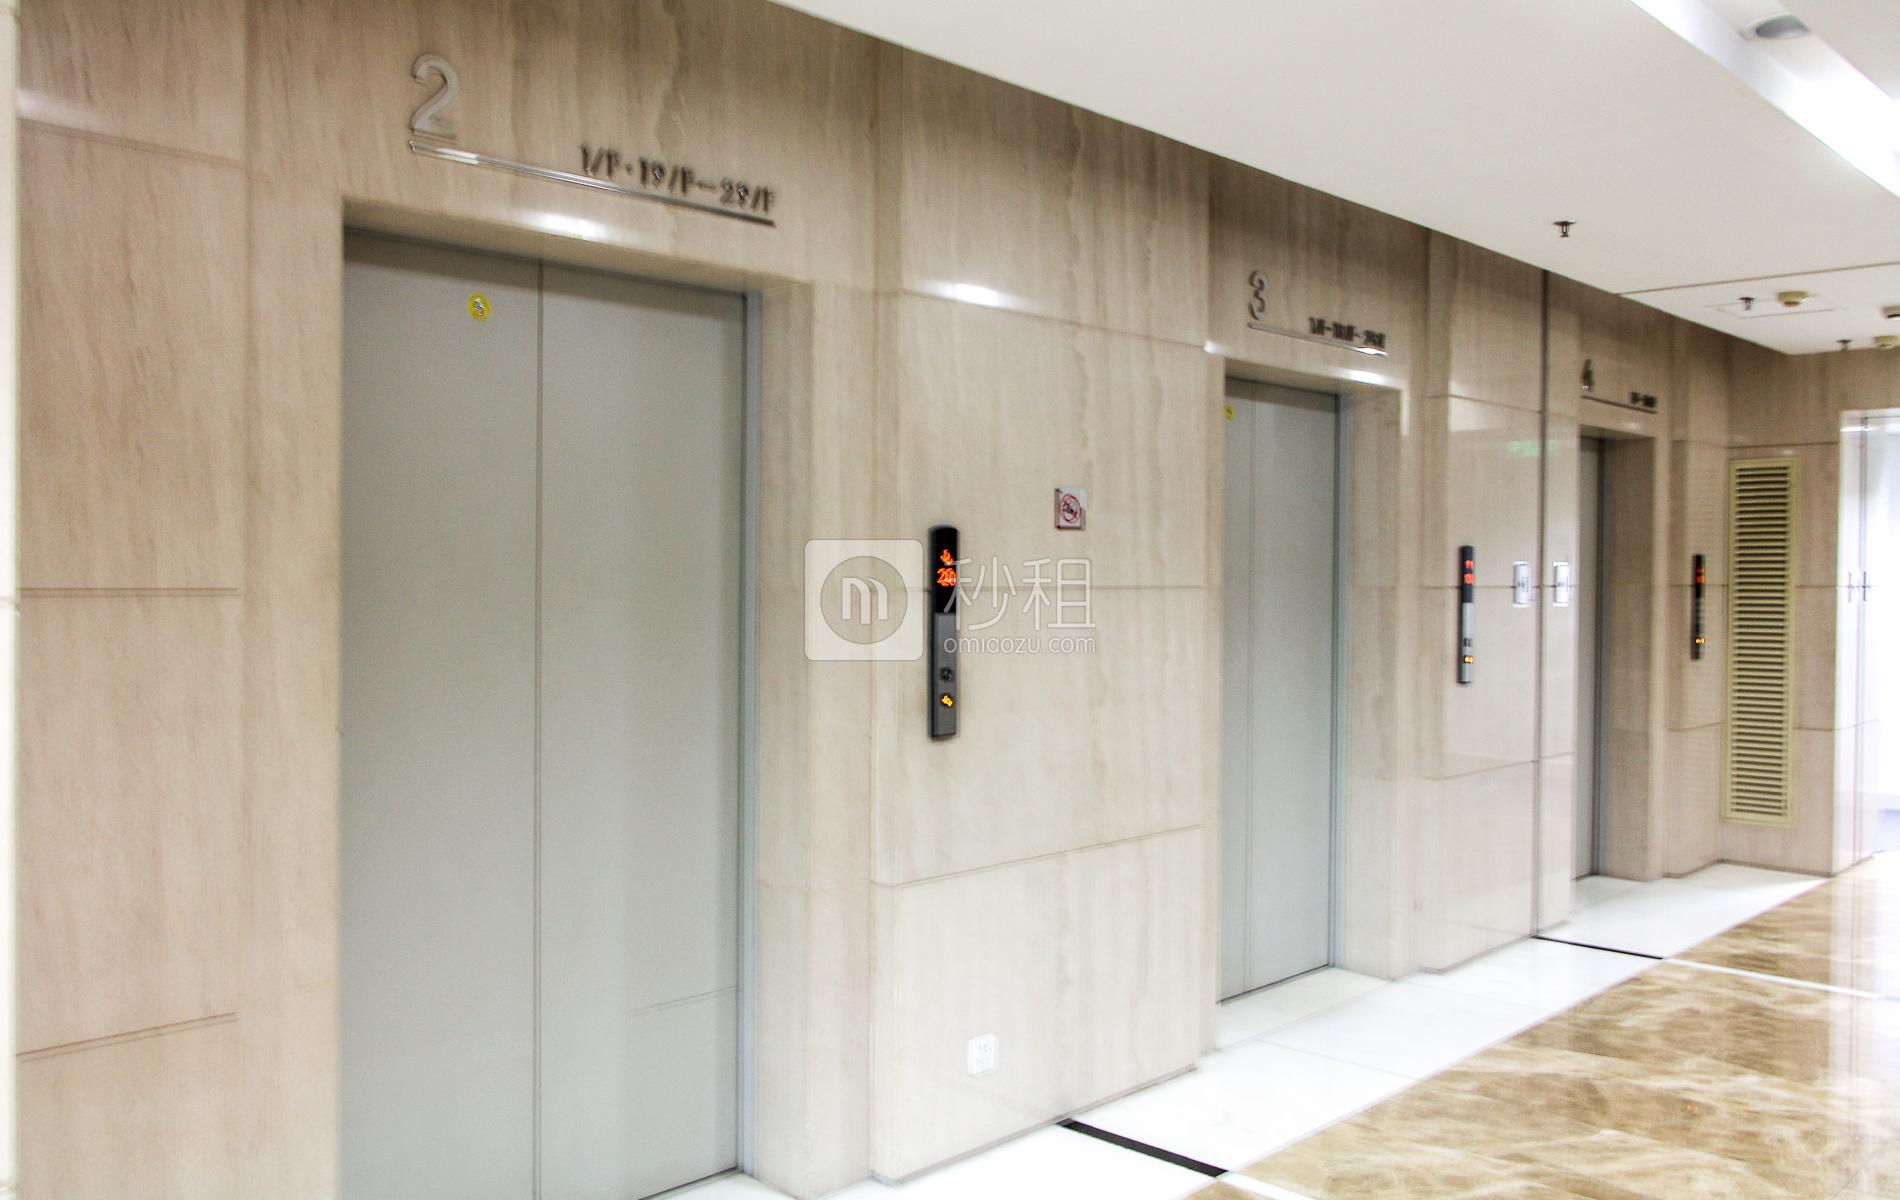 广晟大厦写字楼出租/招租/租赁,广晟大厦办公室出租/招租/租赁